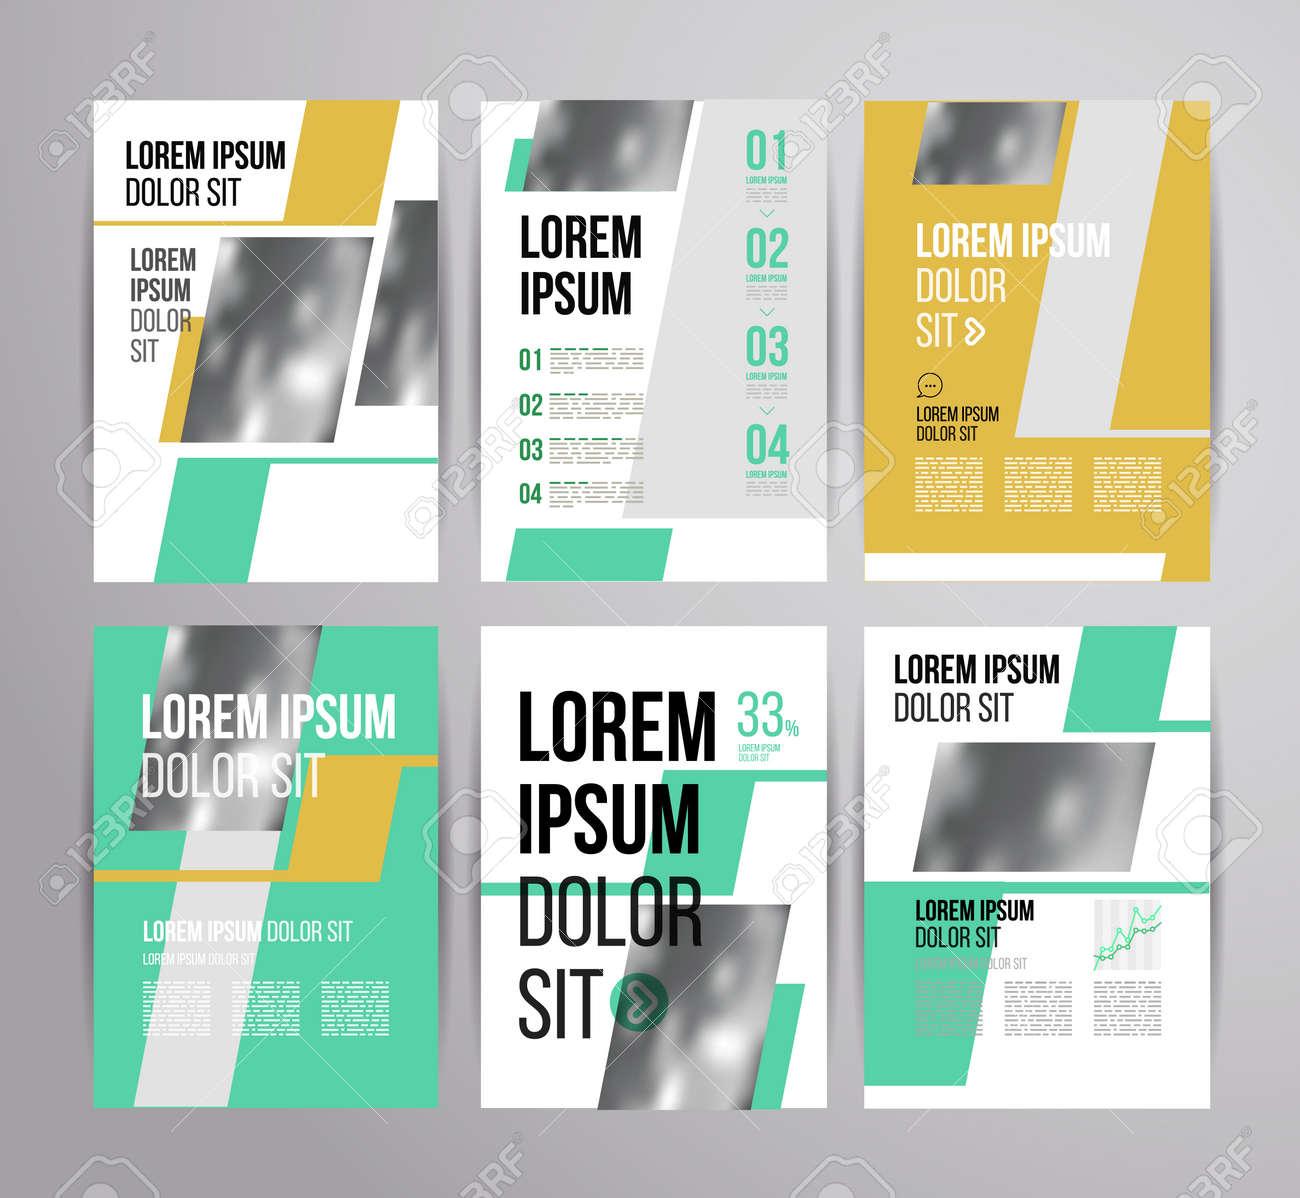 Groß Broschüre Ordner Vorlage Ideen - Entry Level Resume Vorlagen ...